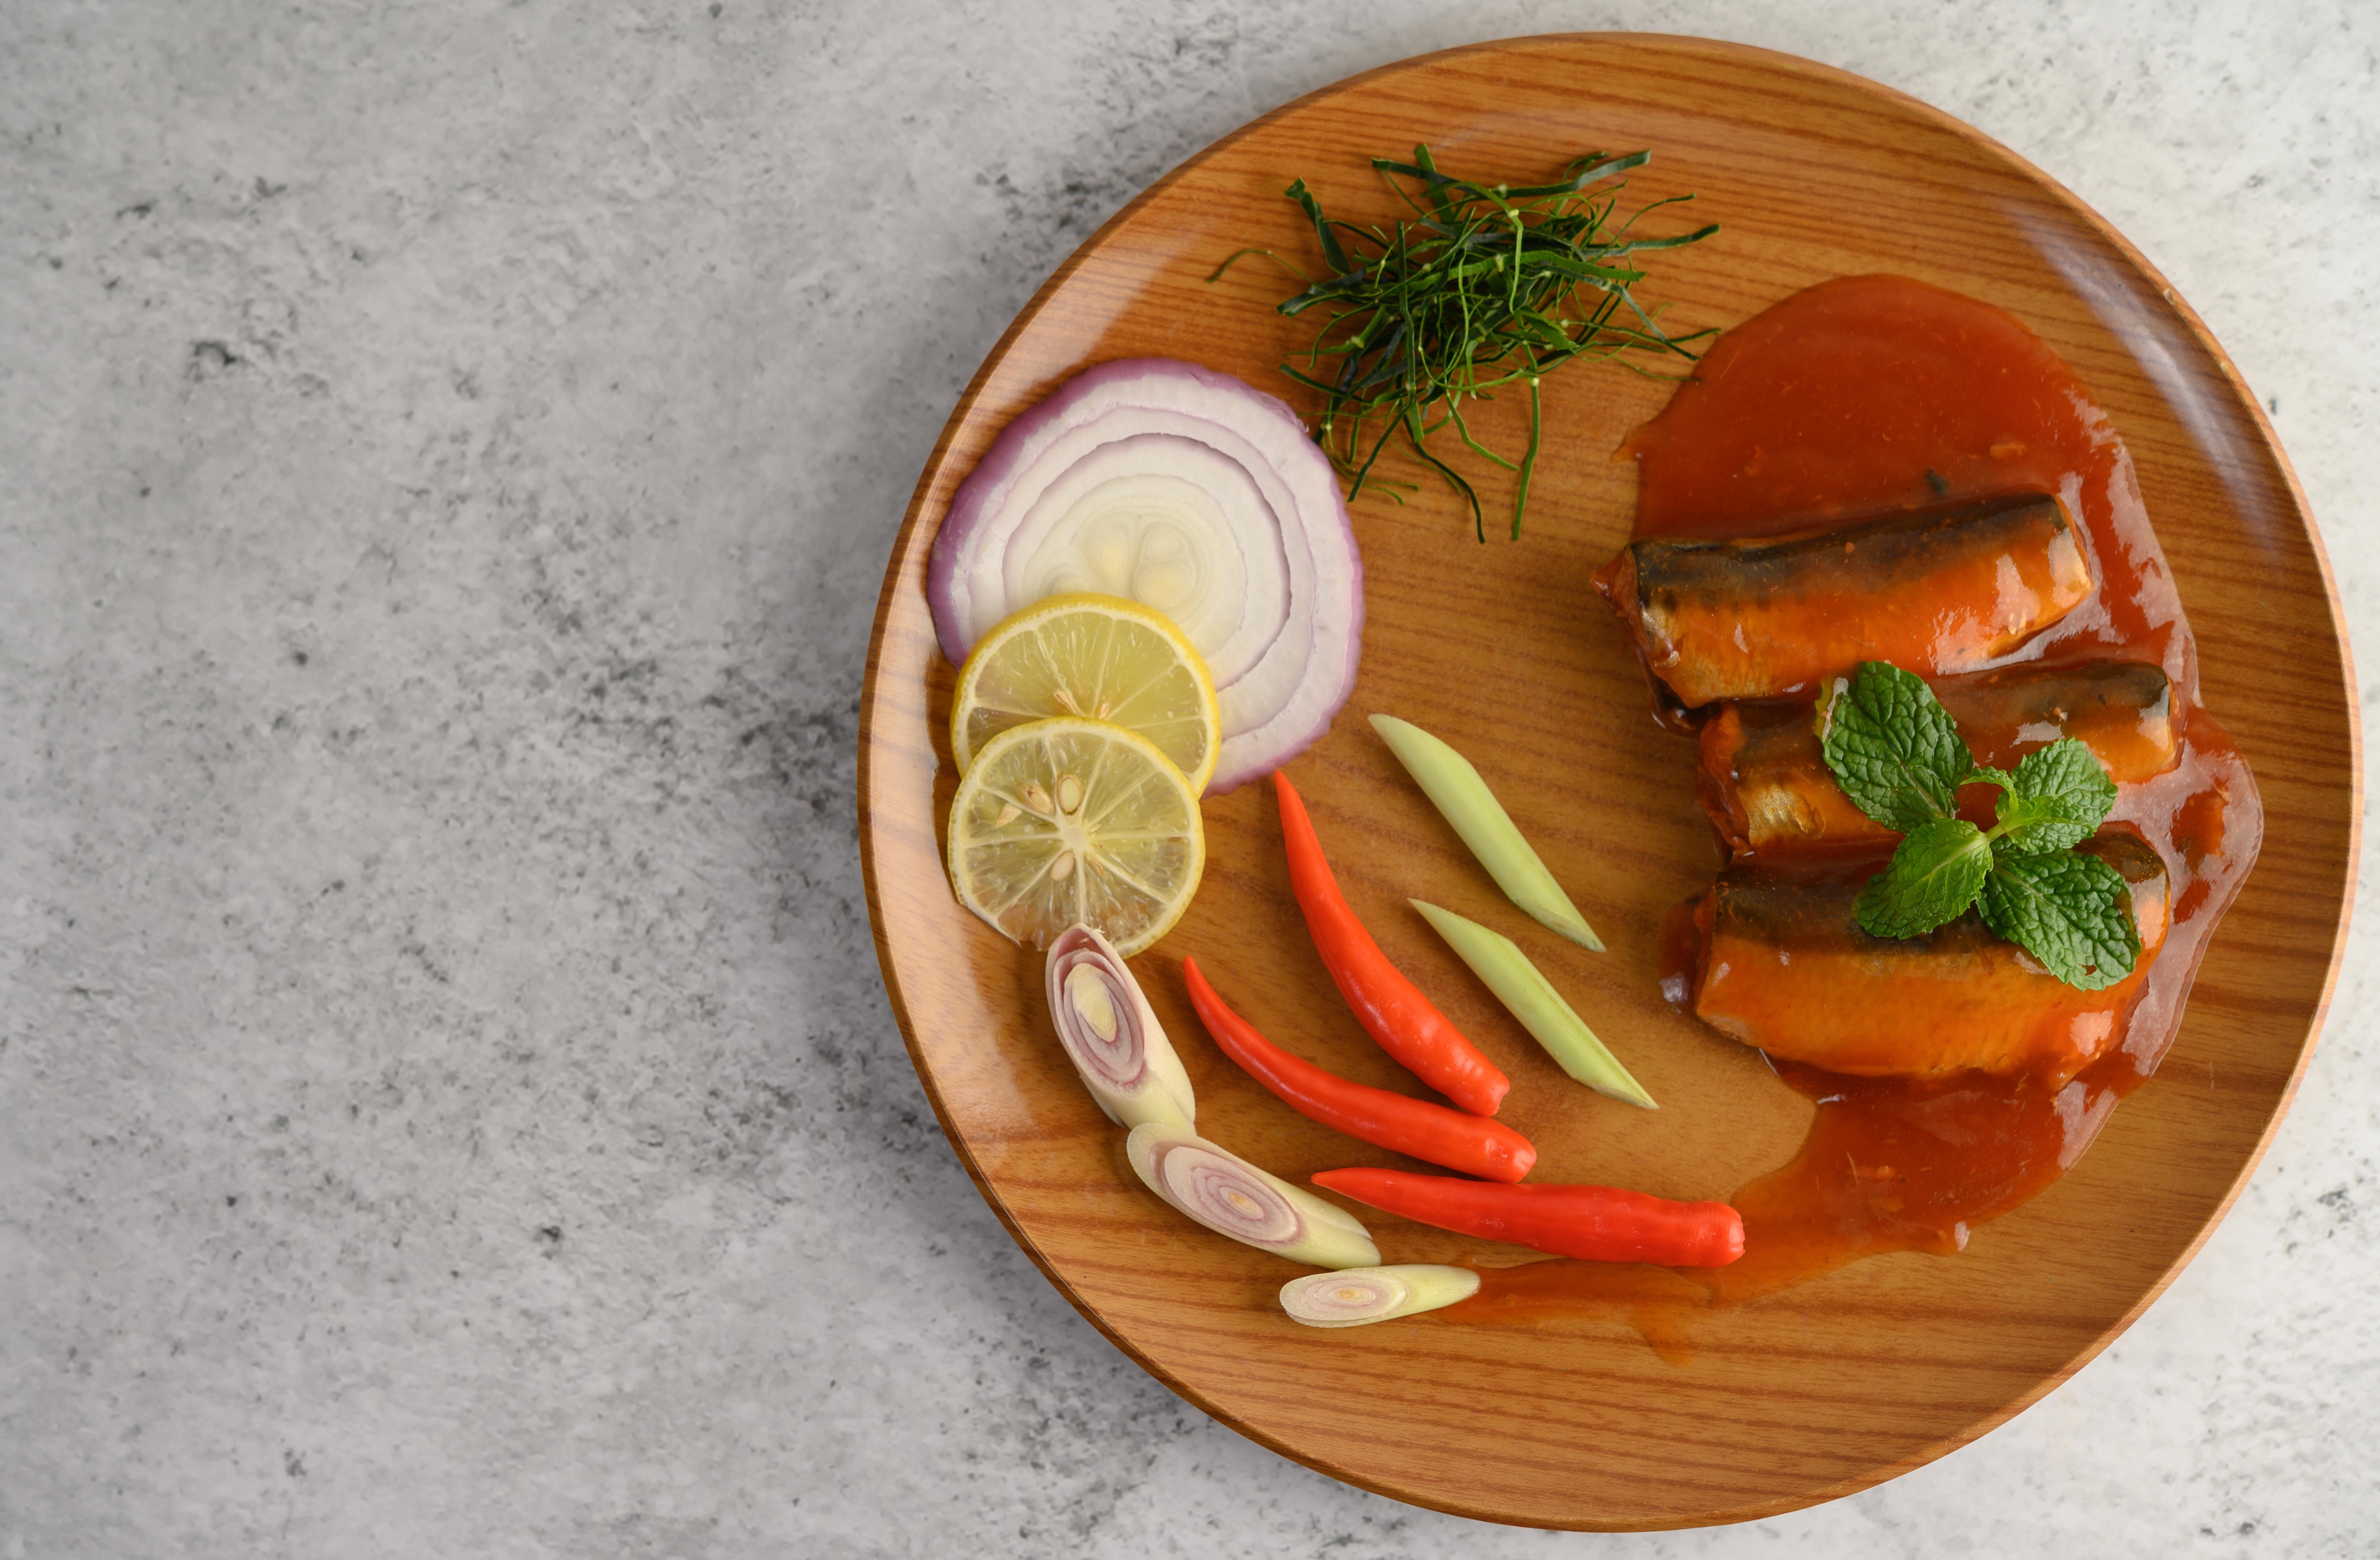 alici marinate in salsa d'arancia, salsa di soya e menta